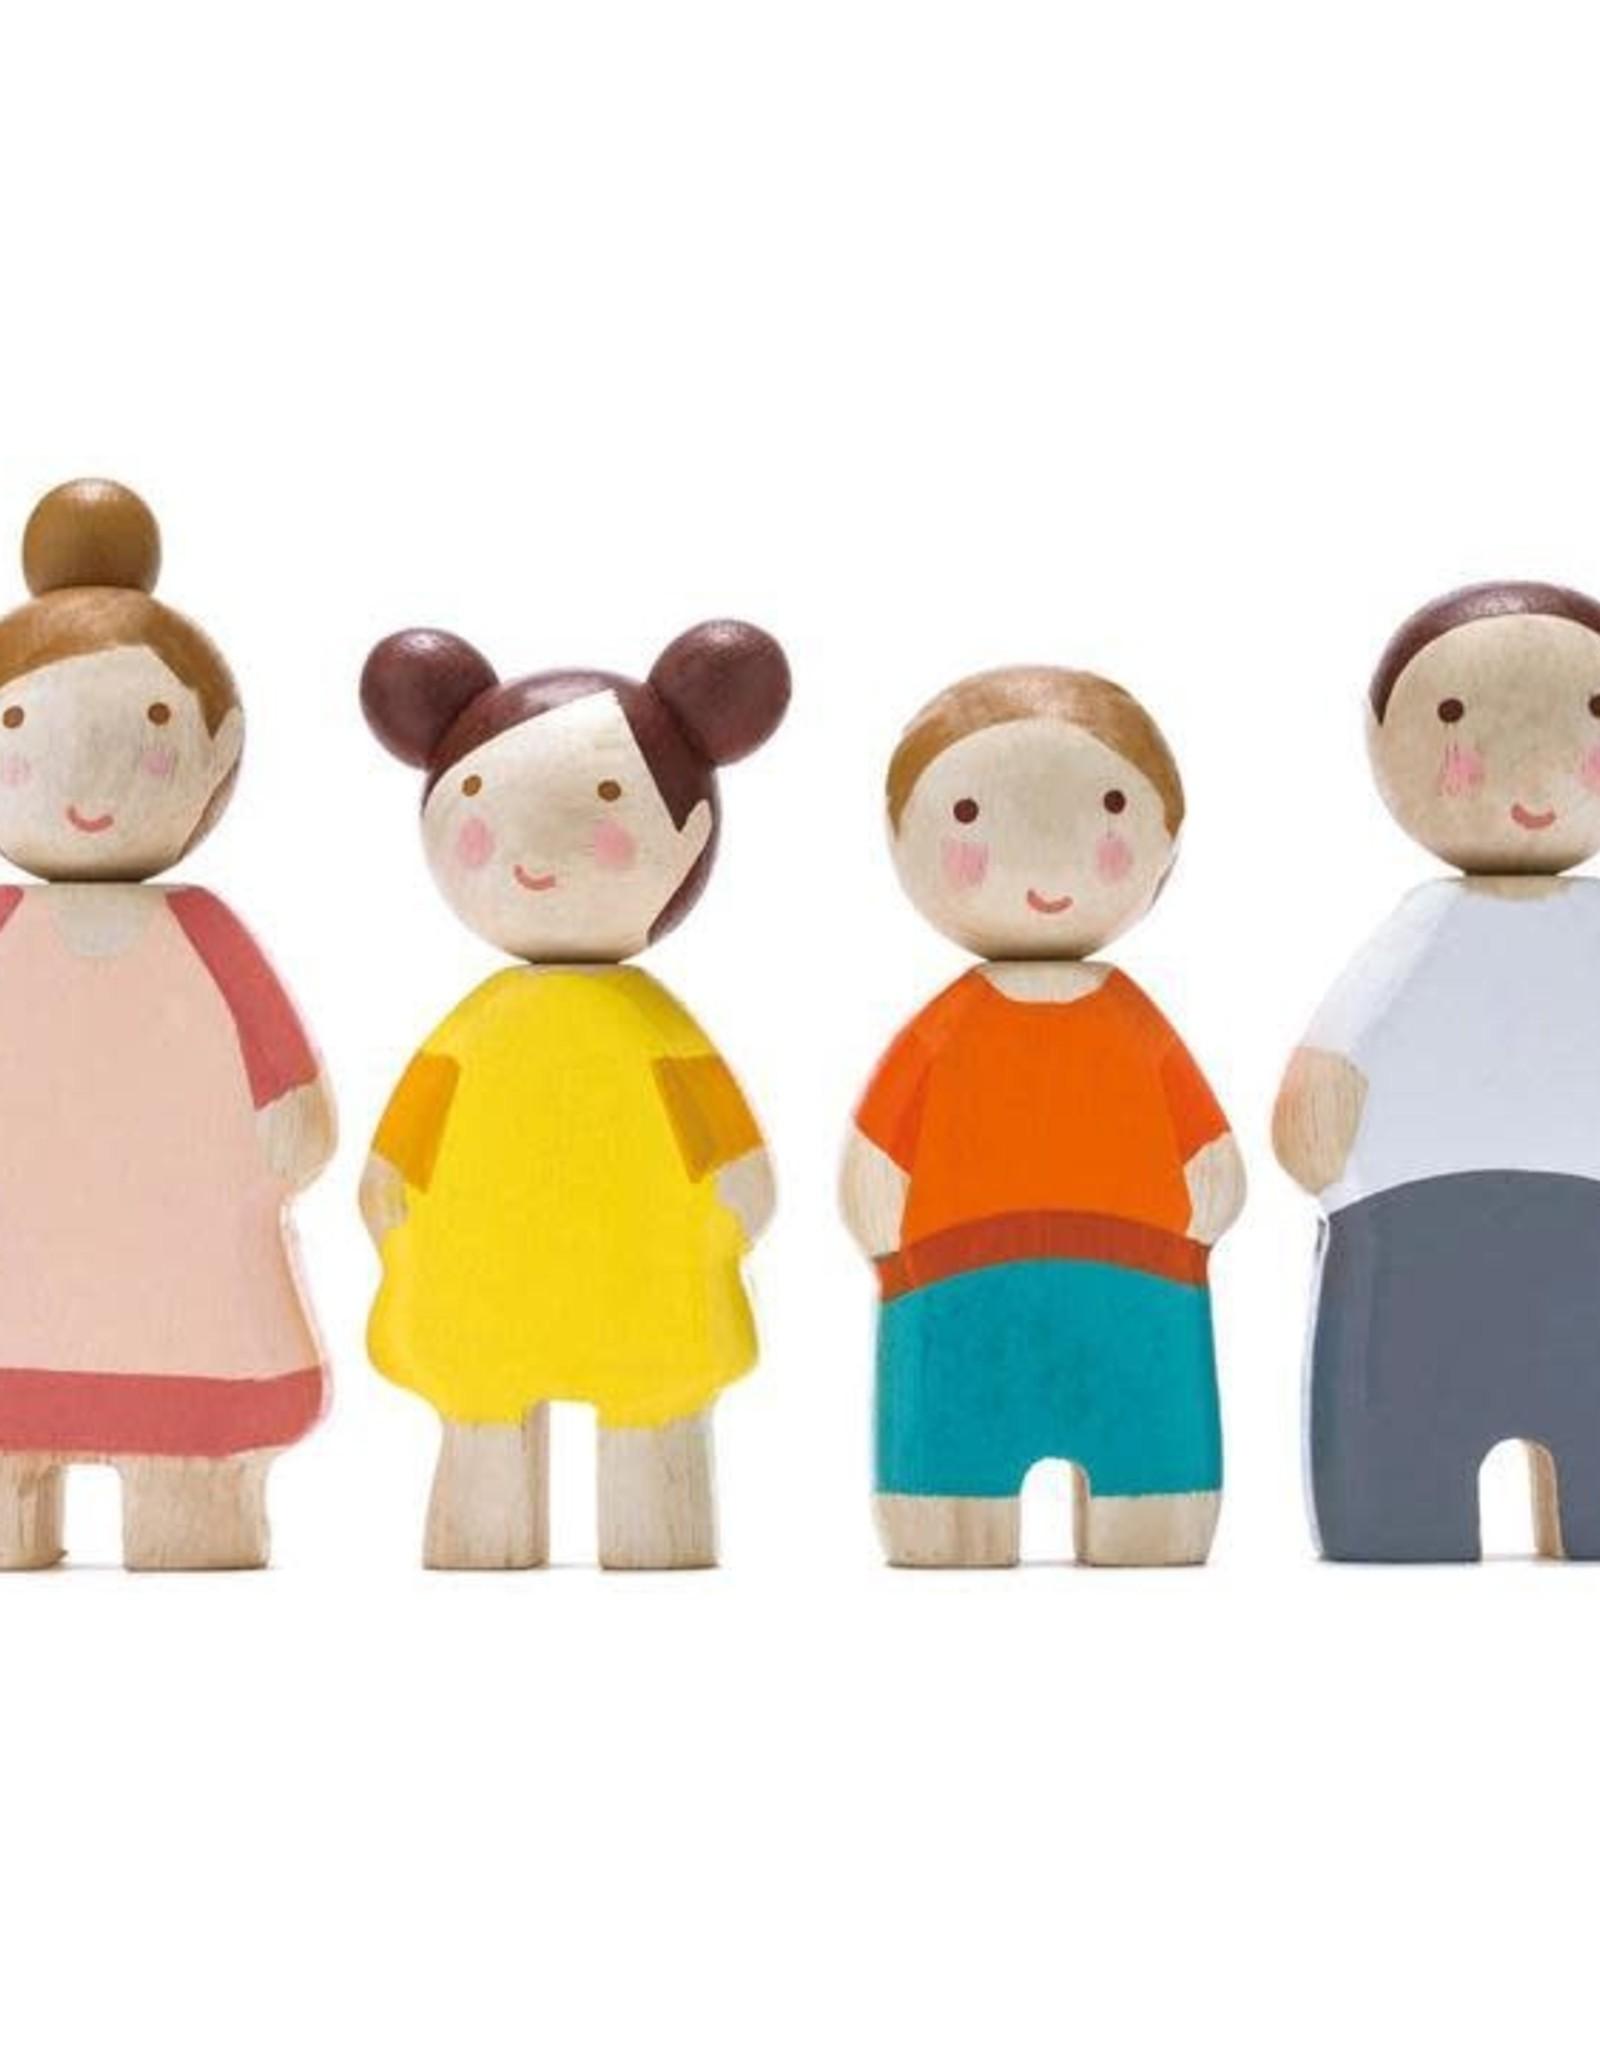 Tender Leaf Toys The Leaf Family Wooden Dolls